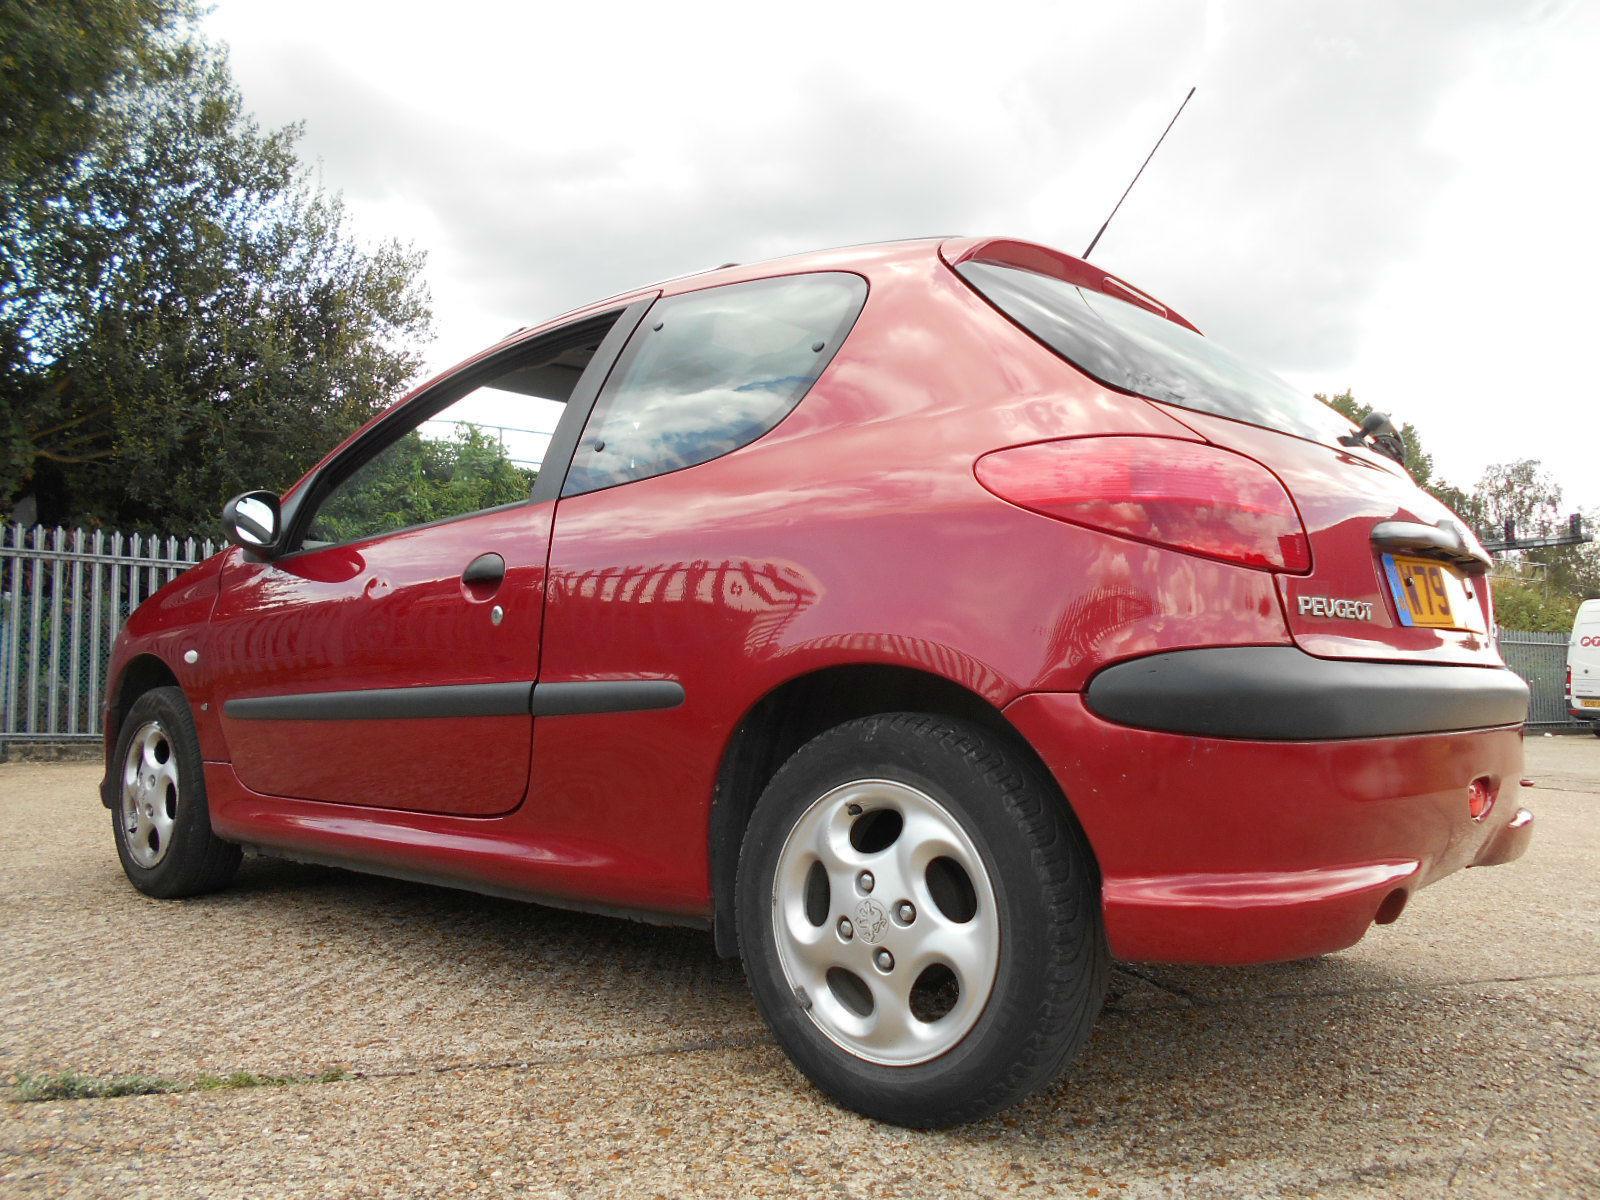 Peugeot 206 passenger rear.JPG